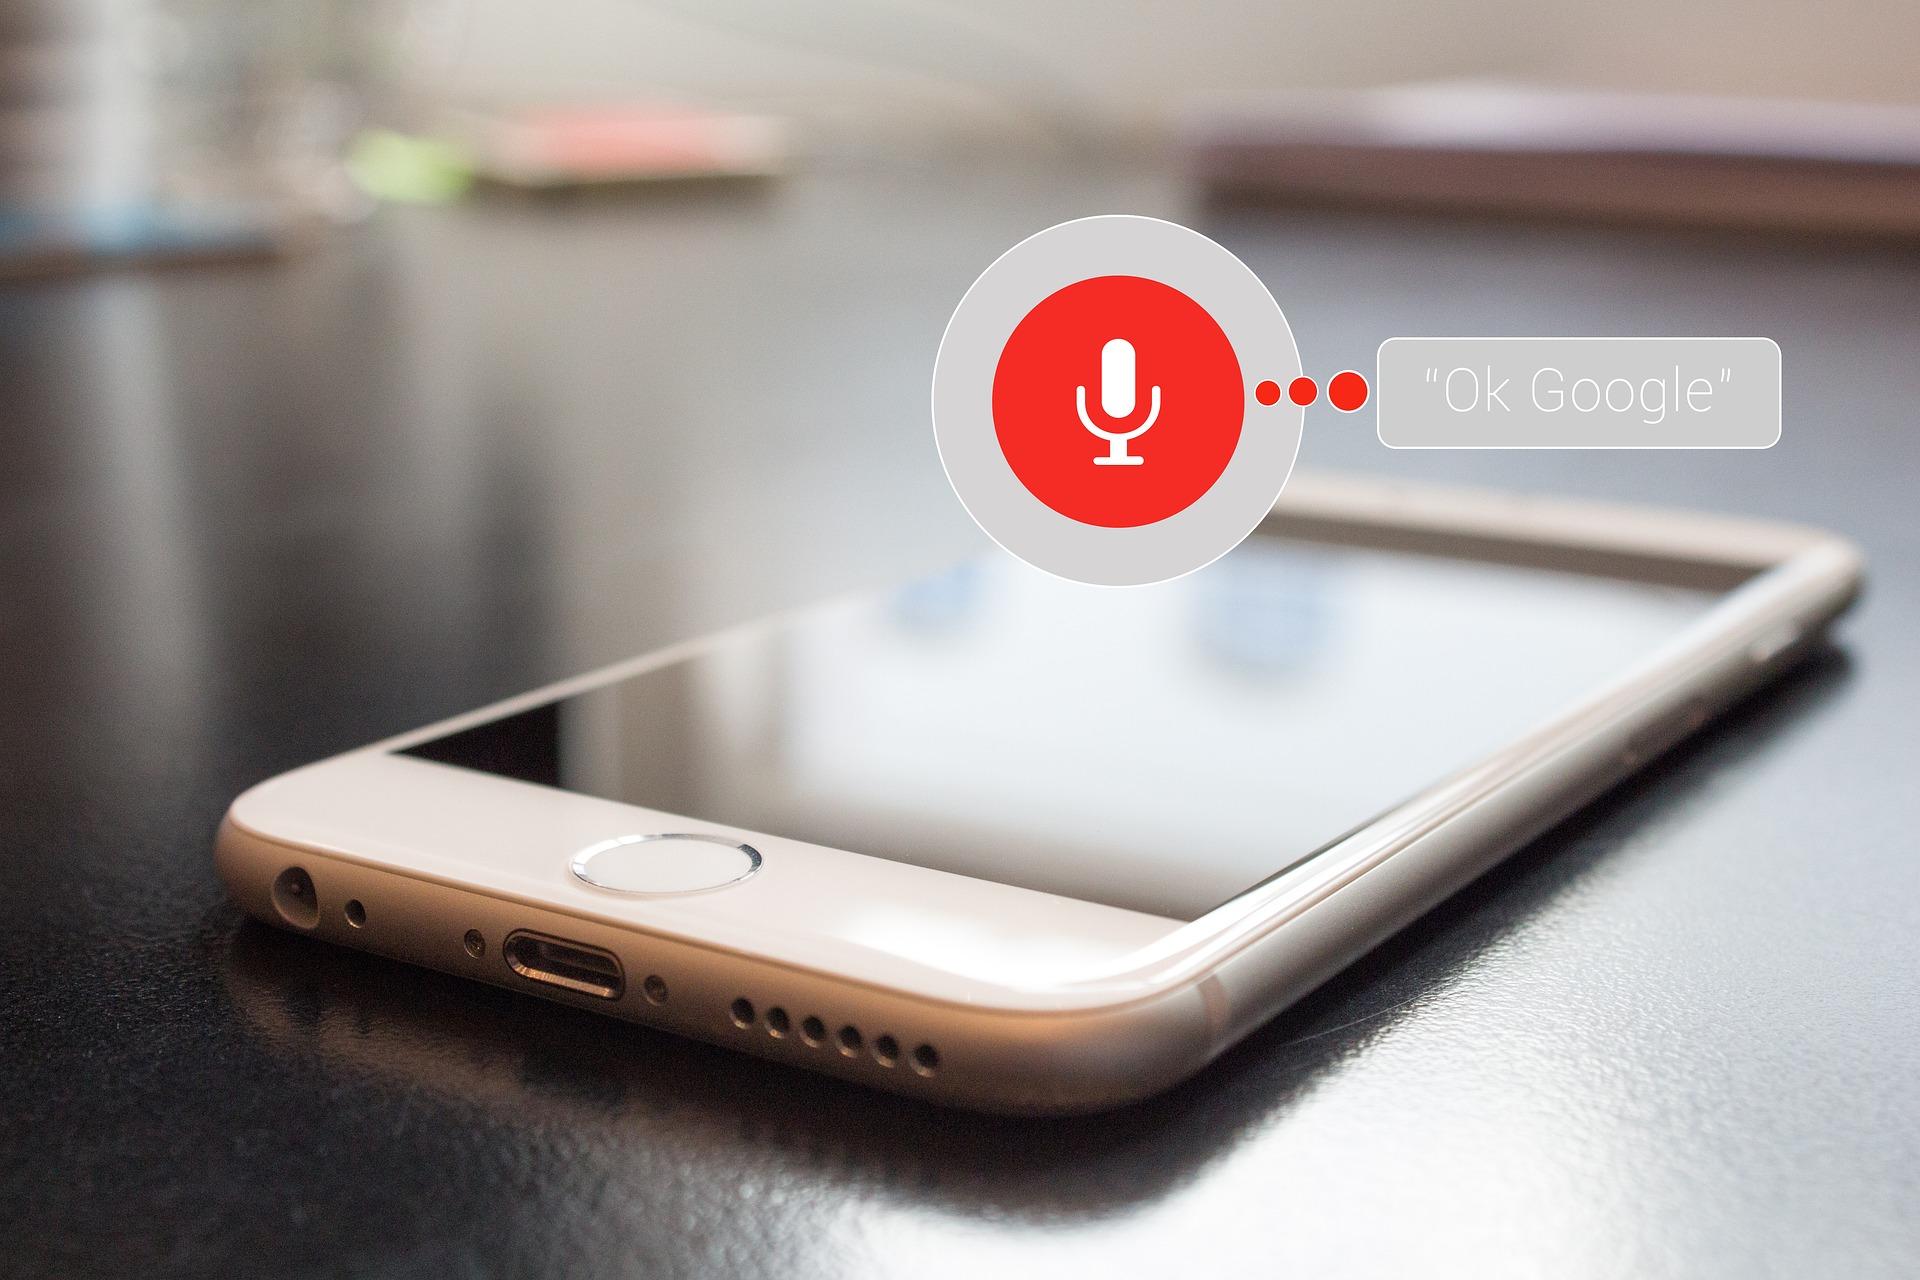 Los asistentes de voz, ¿nueva amenaza para las marcas? - Hotwire